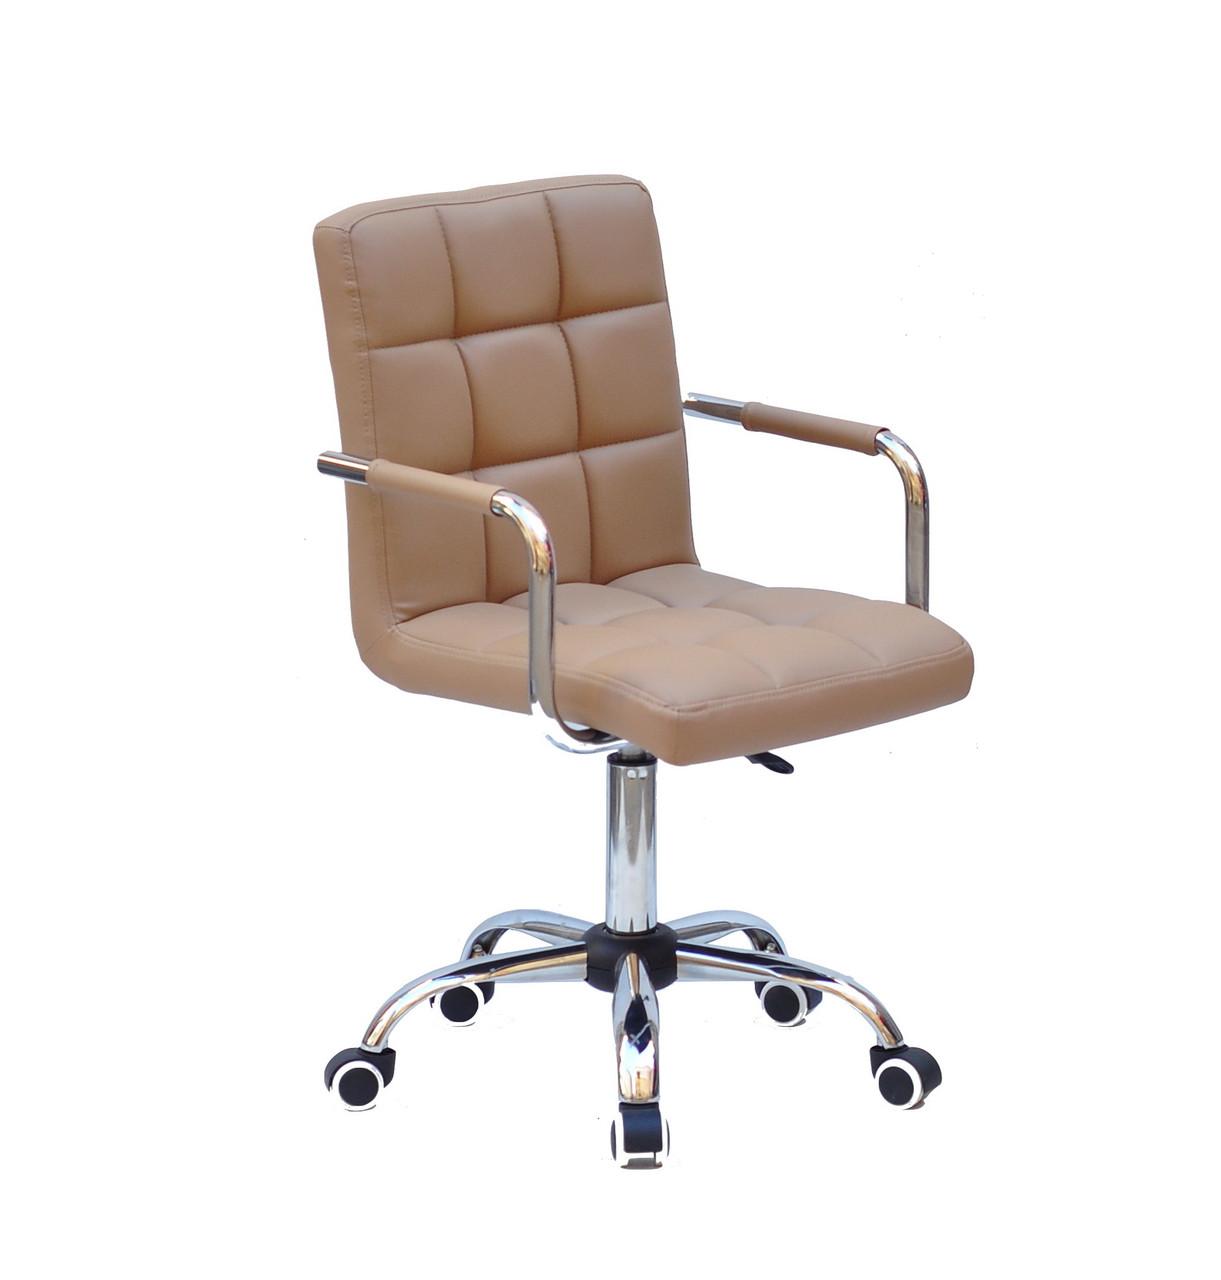 Кресло с подлокотниками Августо Augusto-ARM CH - Office бежевая экокожа на колесиках, хром